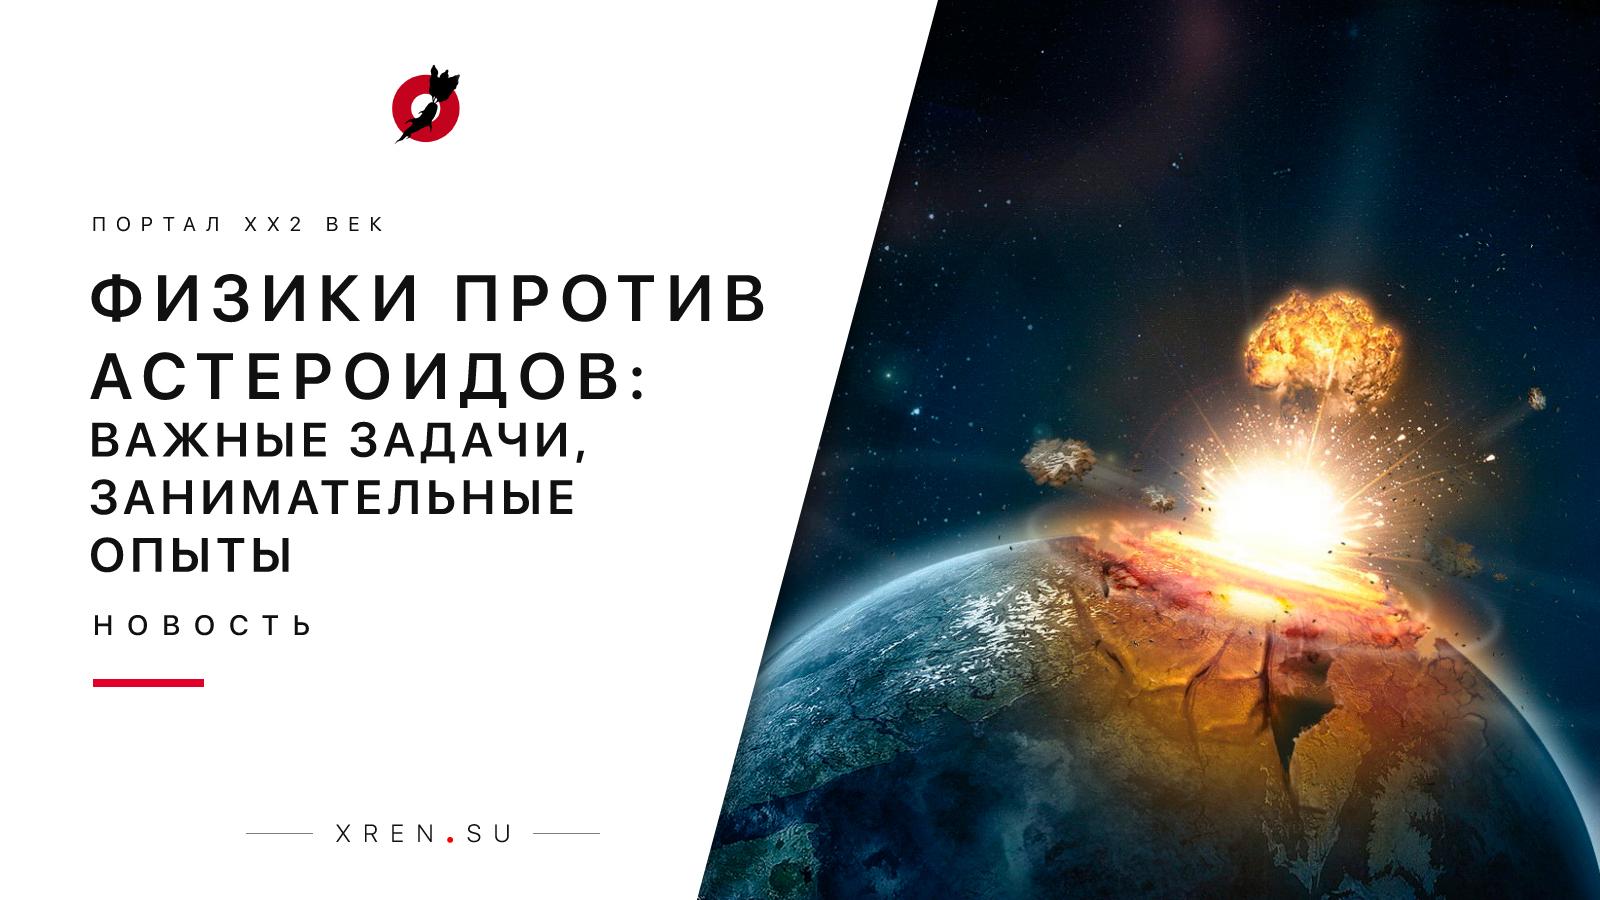 Физики против астероидов: важные задачи, занимательные опыты